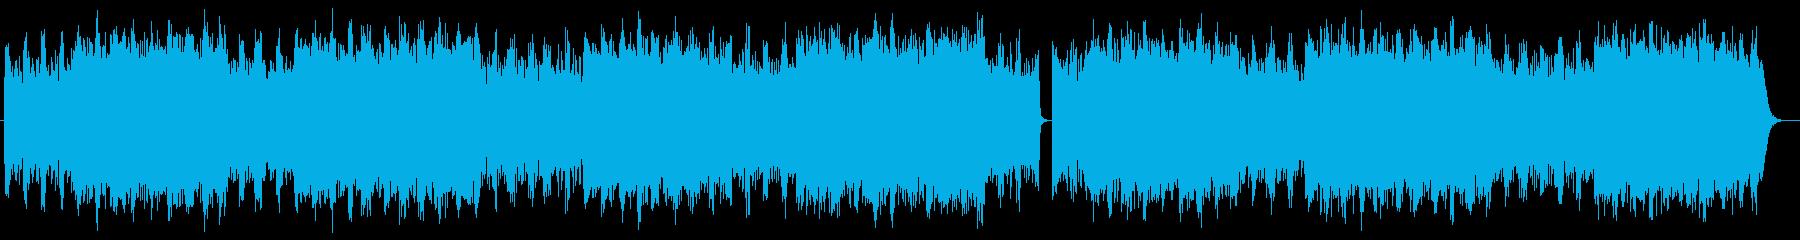 ミステリアスな雰囲気のシンセリフ楽曲の再生済みの波形